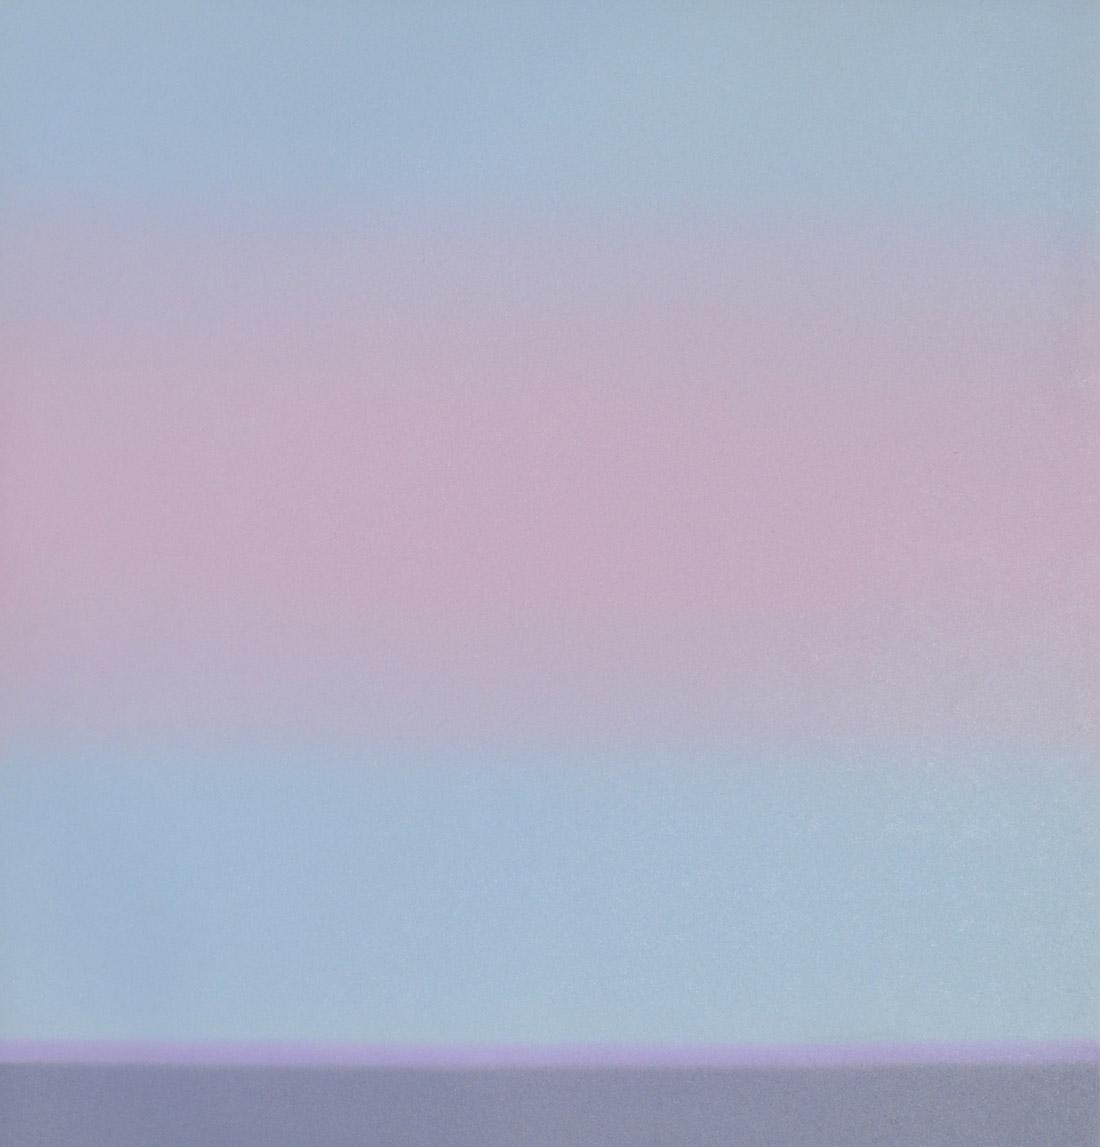 A pale pink cloud